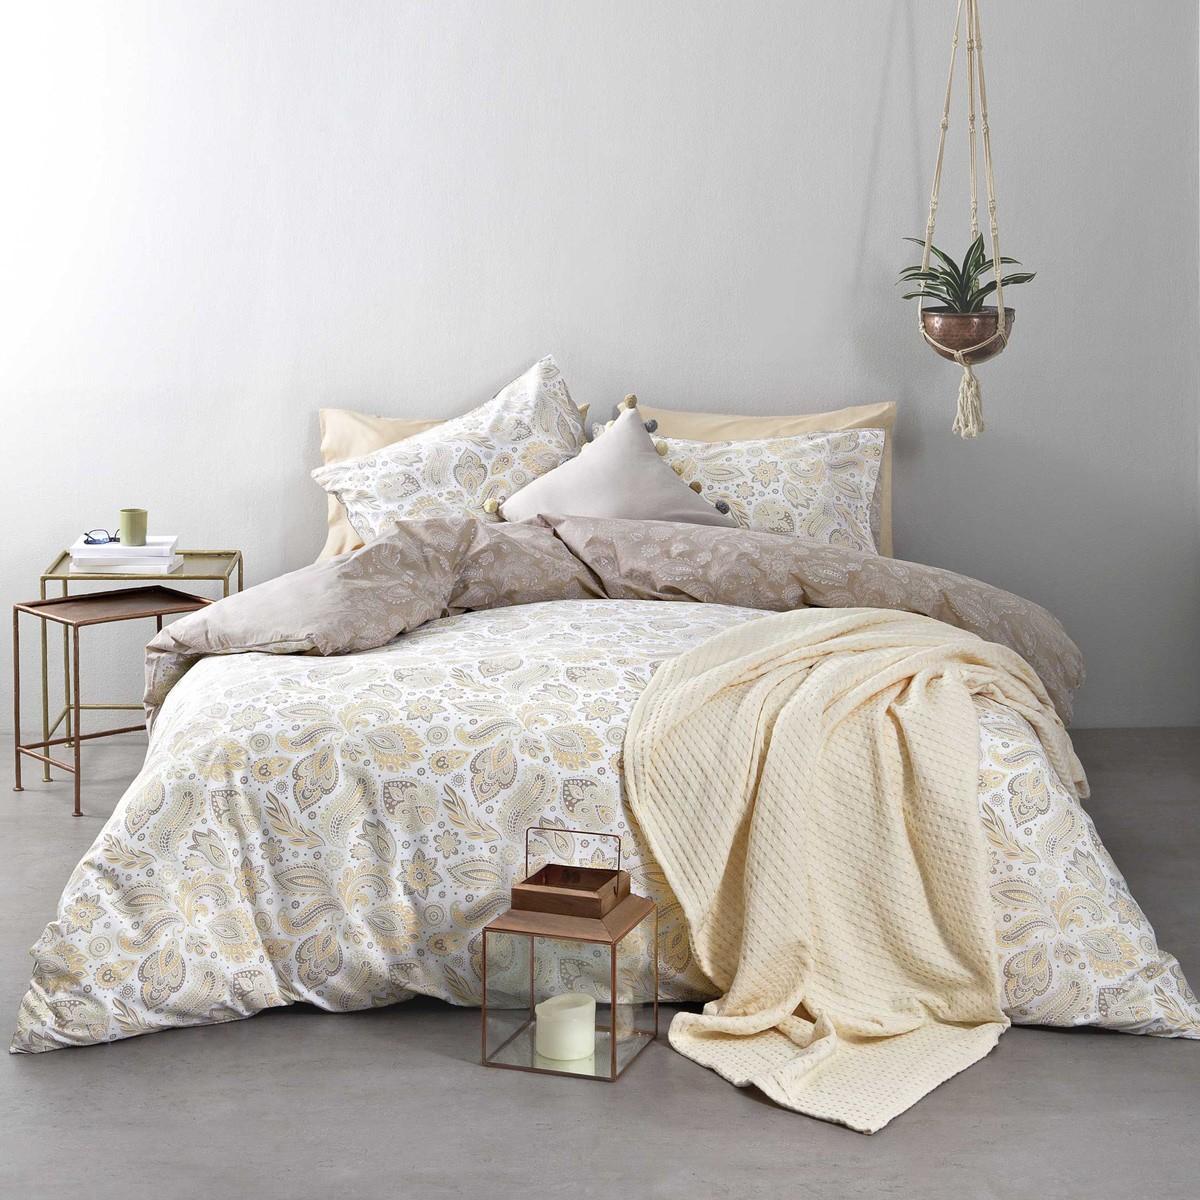 Σεντόνια Υπέρδιπλα (Σετ) Nima Bed Linen Delhi Beige ΜΕ ΛΑΣΤΙΧΟ ΜΕ ΛΑΣΤΙΧΟ